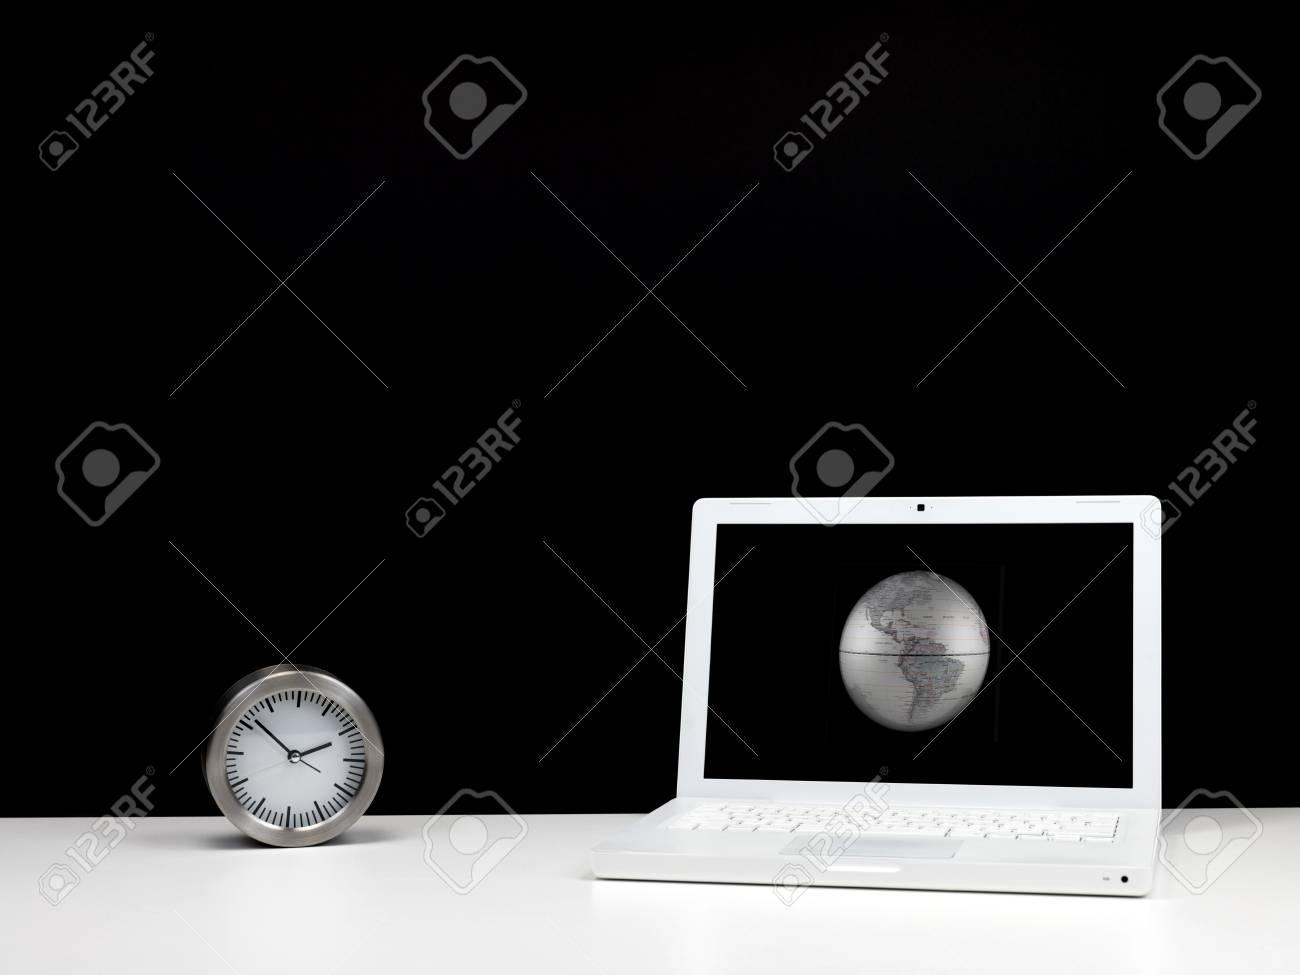 Ufficio Del Lavoro In Nero : Una scrivania in ufficio contemporaneo sul posto di lavoro con uno